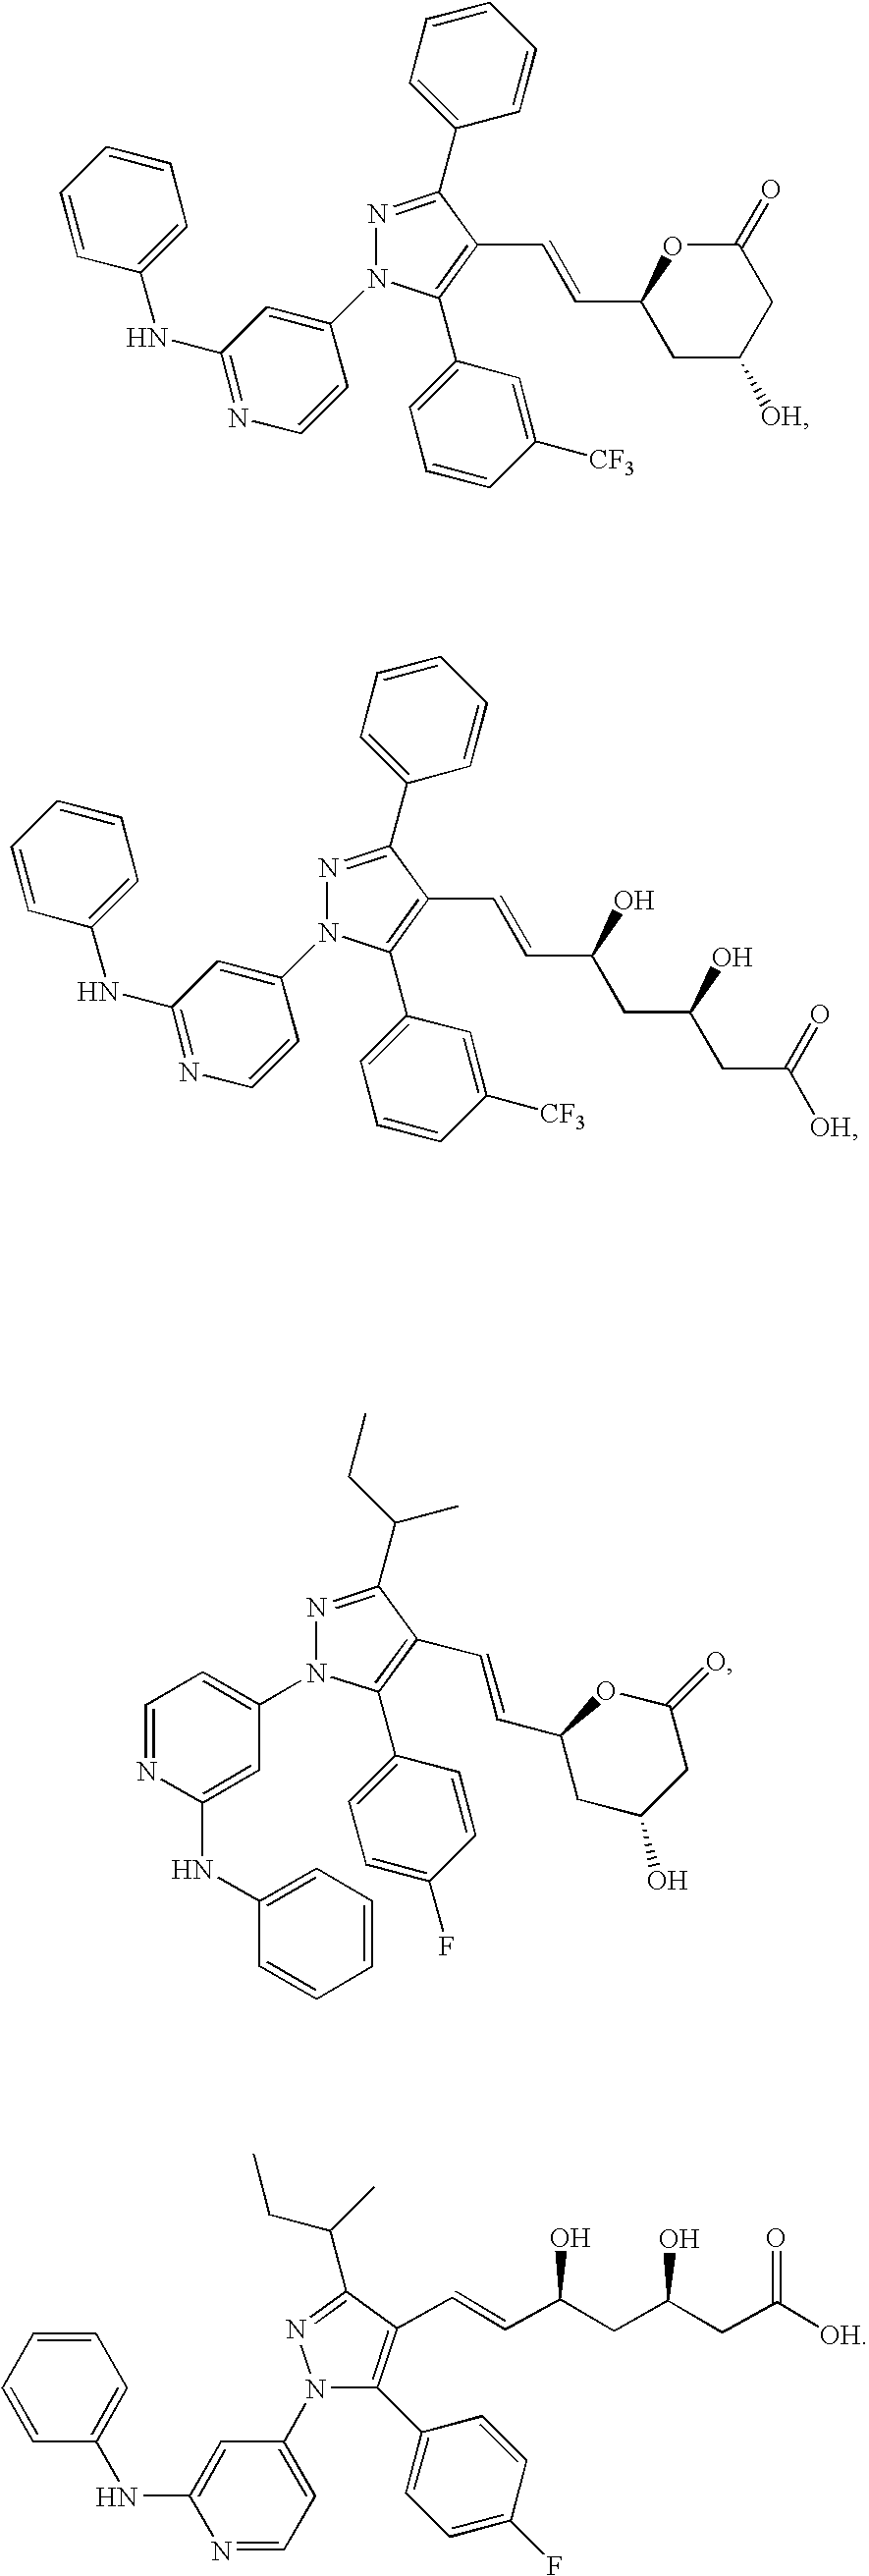 Figure US20050261354A1-20051124-C00090